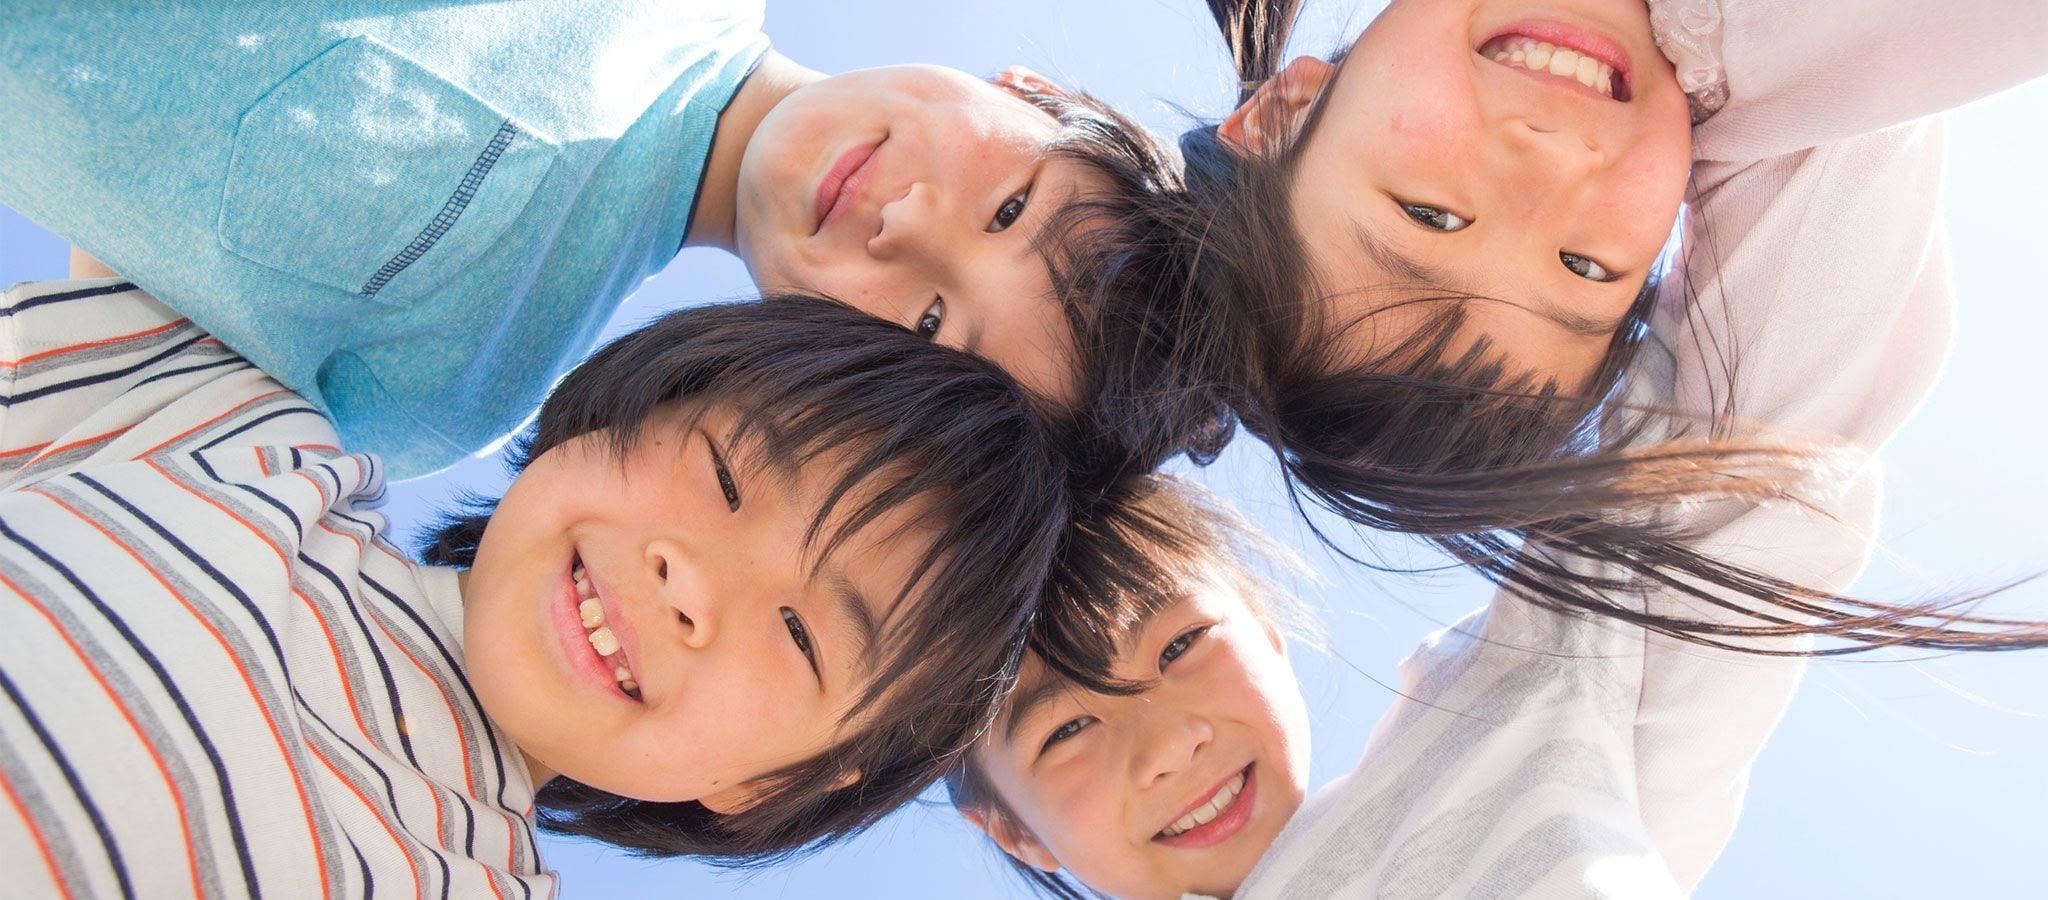 主体性や協働性を育む「子どもの権利」の伝え方